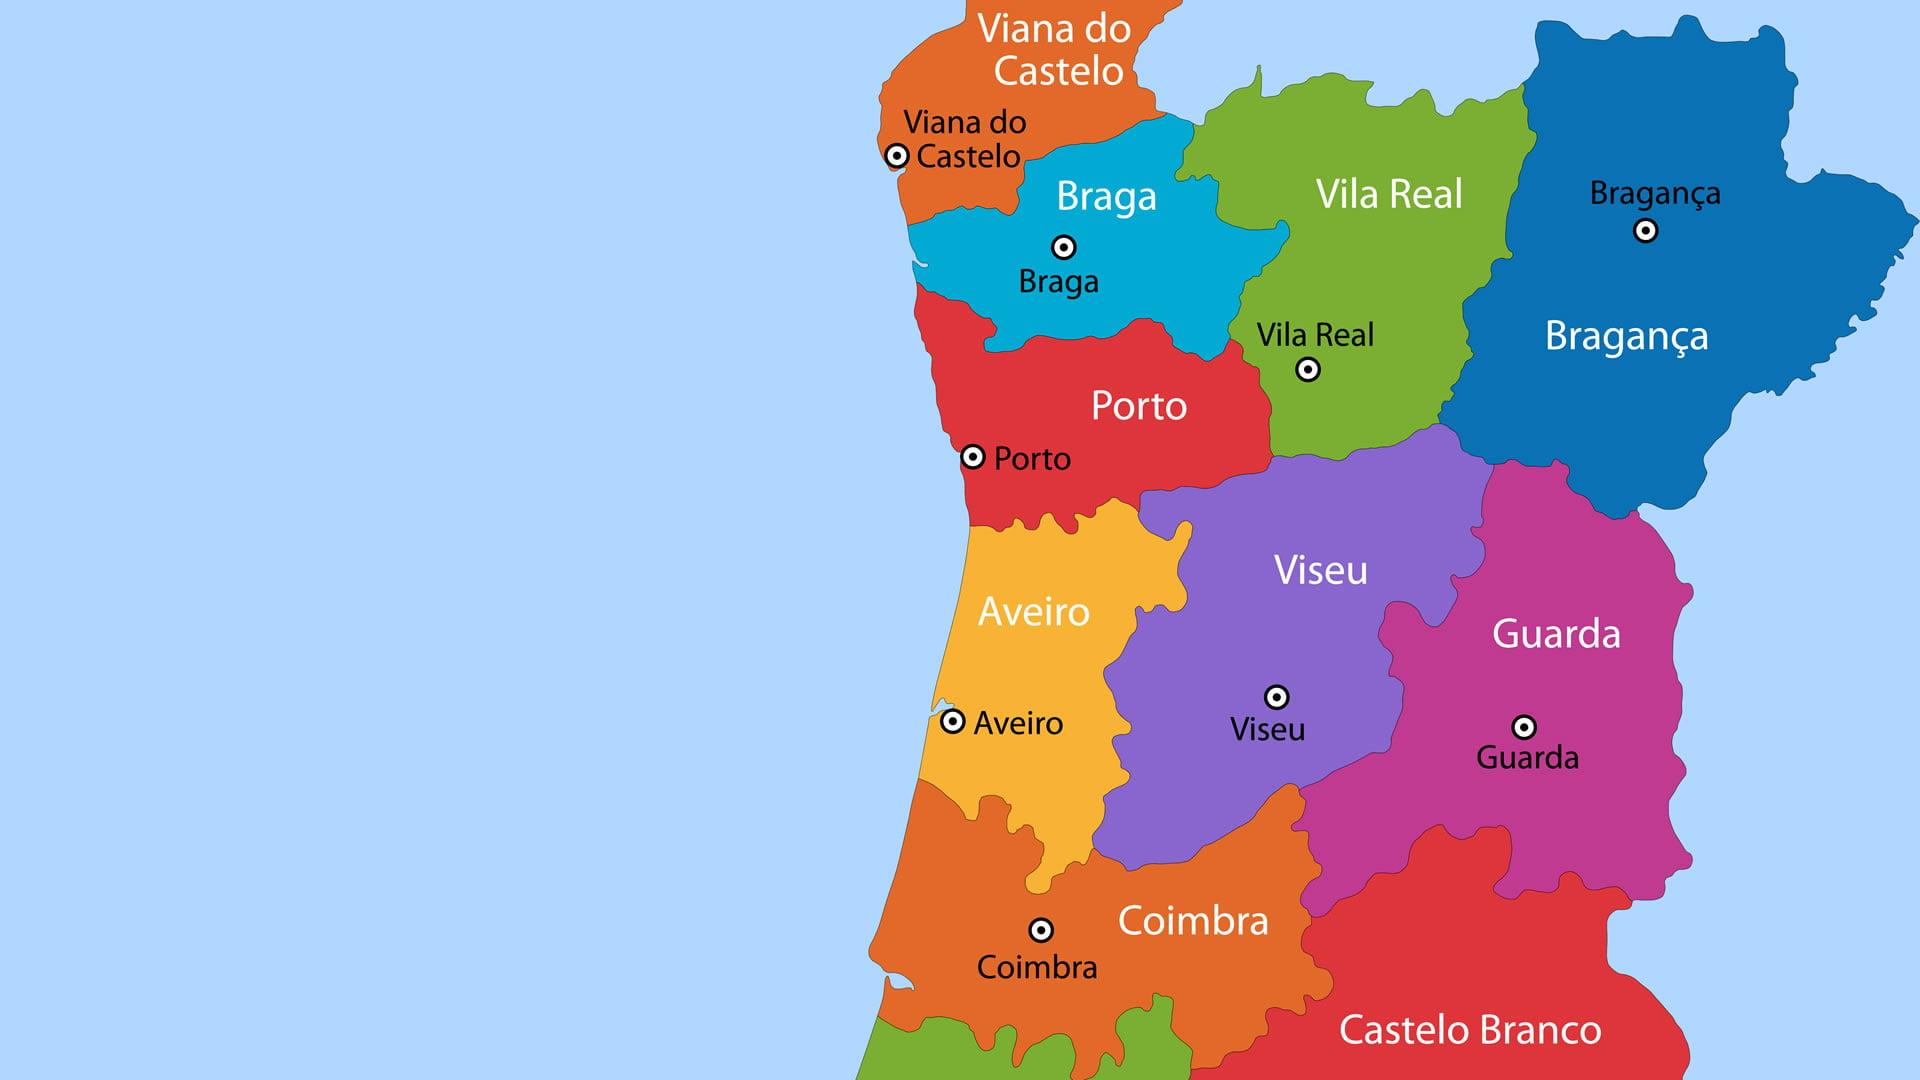 Mapa completo de Portugal